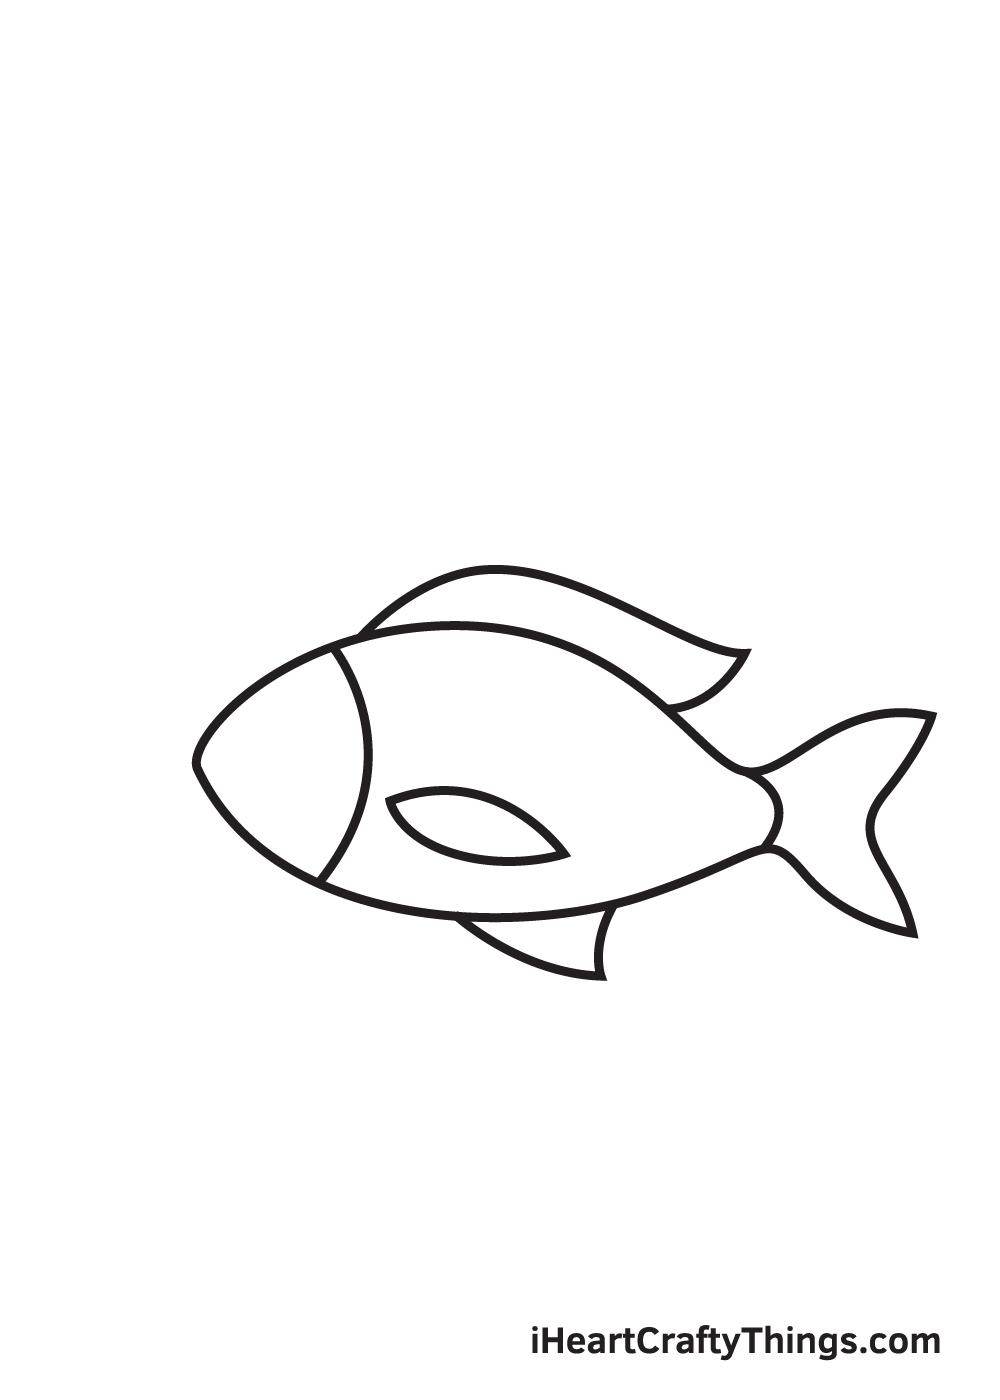 fish drawing - step 5